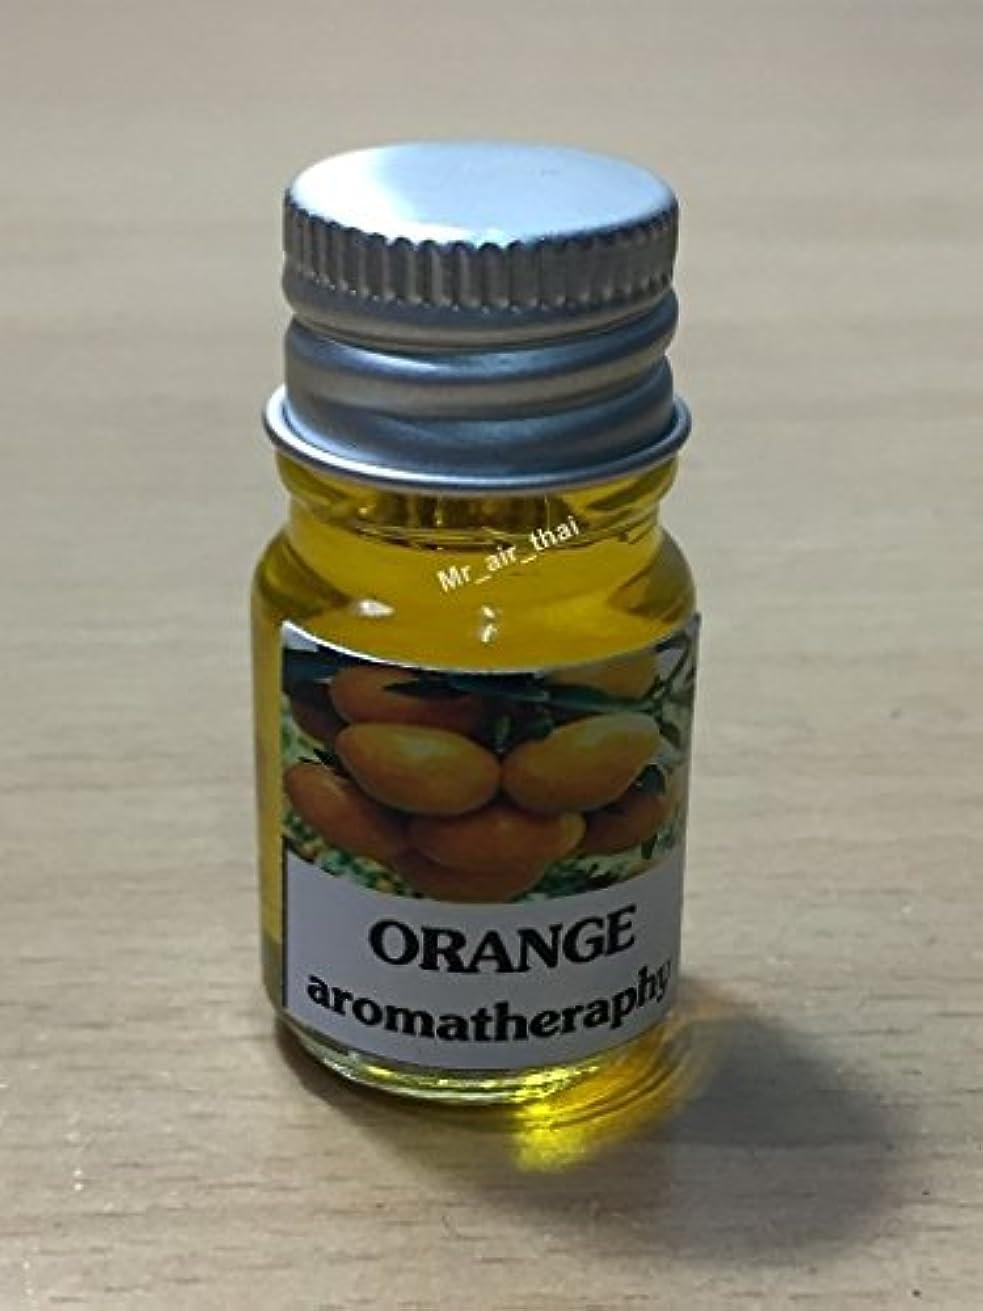 災難無傷クリエイティブ5ミリリットルアロマオレンジフランクインセンスエッセンシャルオイルボトルアロマテラピーオイル自然自然5ml Aroma Orange Frankincense Essential Oil Bottles Aromatherapy...